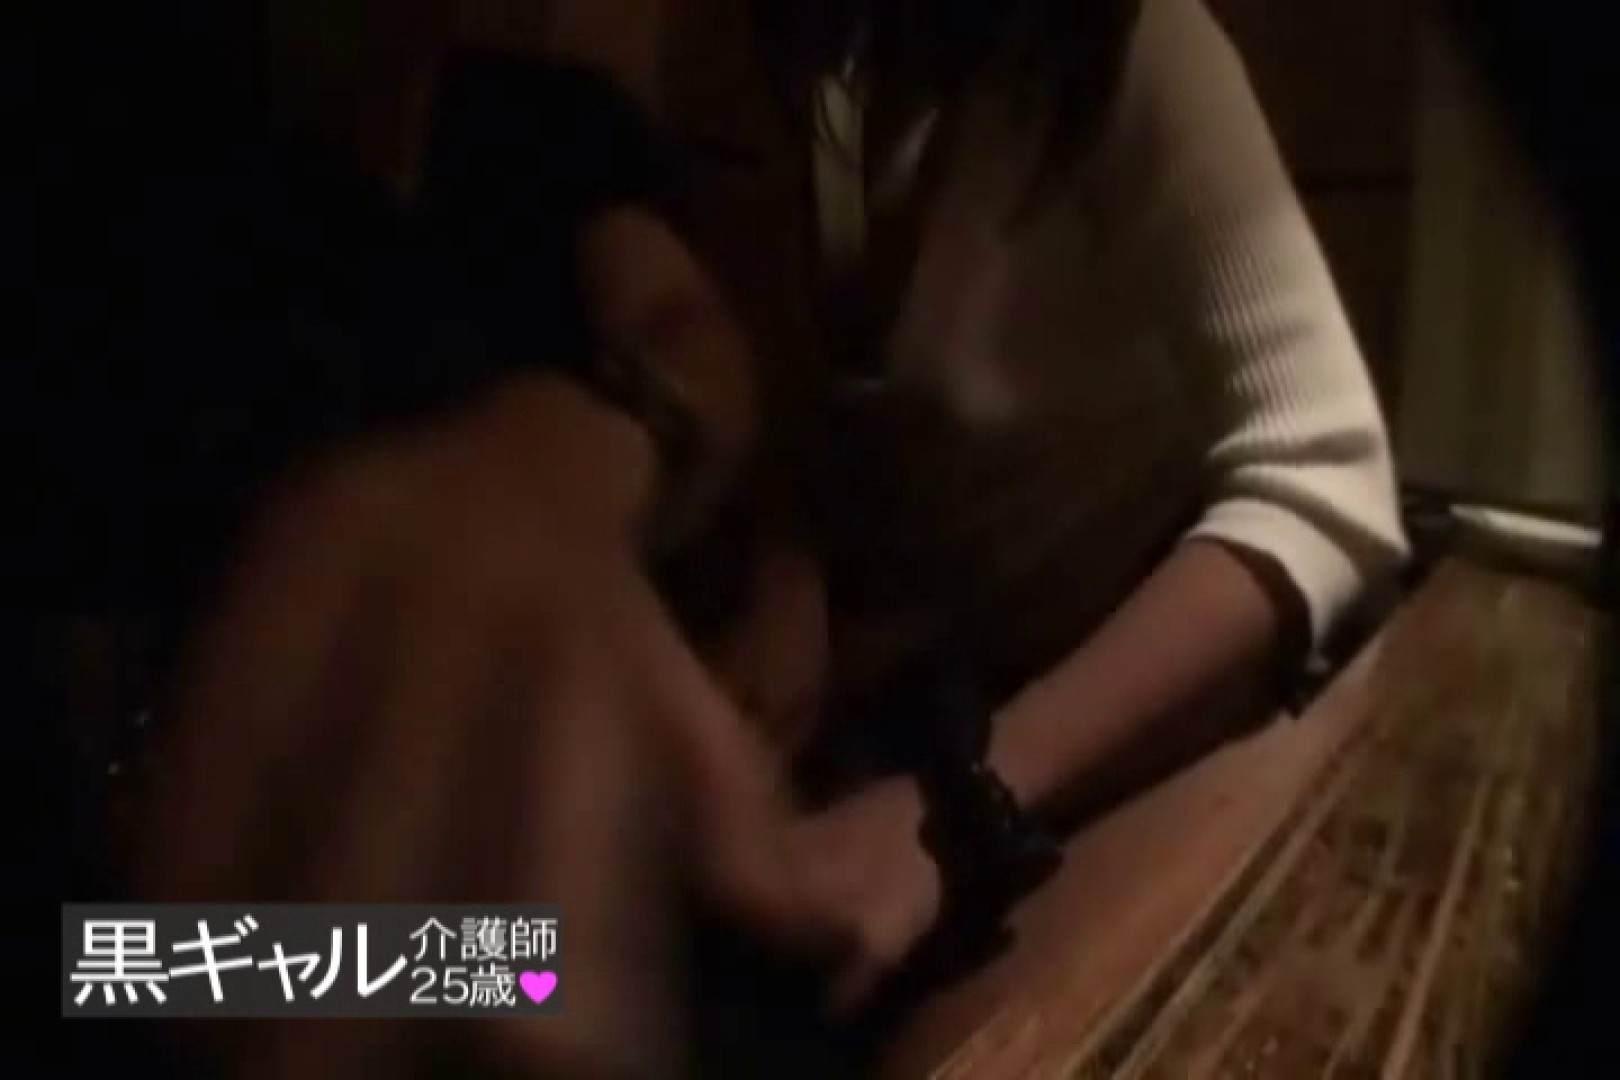 独占入手 従順M黒ギャル介護師25歳vol.3 一般投稿 おまんこ無修正動画無料 70pic 18